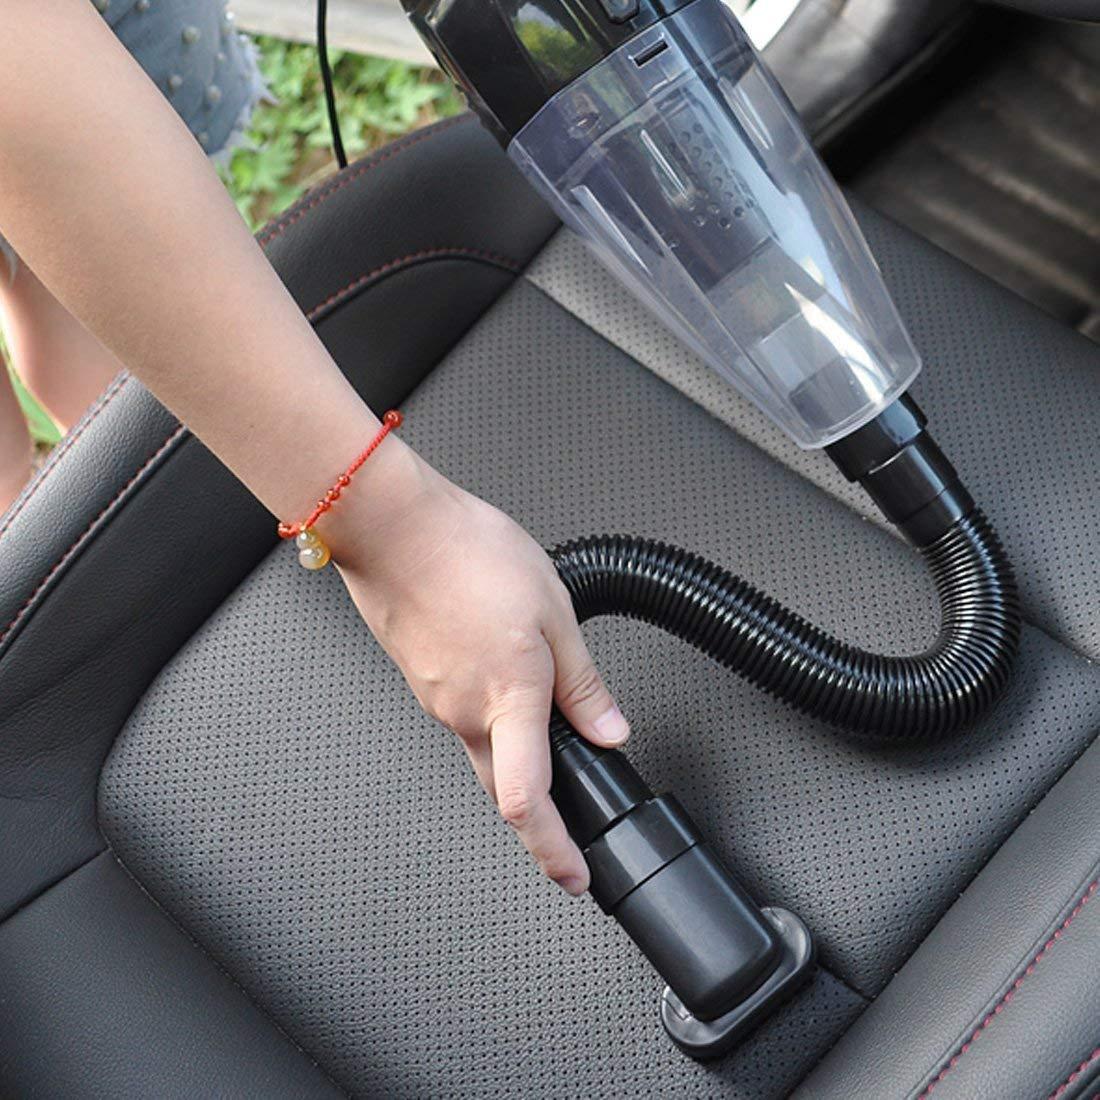 Clkjcar Aspirapolvere per auto, con filtro HEPA, con aspirazione forte da 4000 PA, per pulire facilmente peli di animali domestici dall' auto, portatile, manuale, con applicazione a umido e a secco, con cavo di alimentazione da 5 m, nera